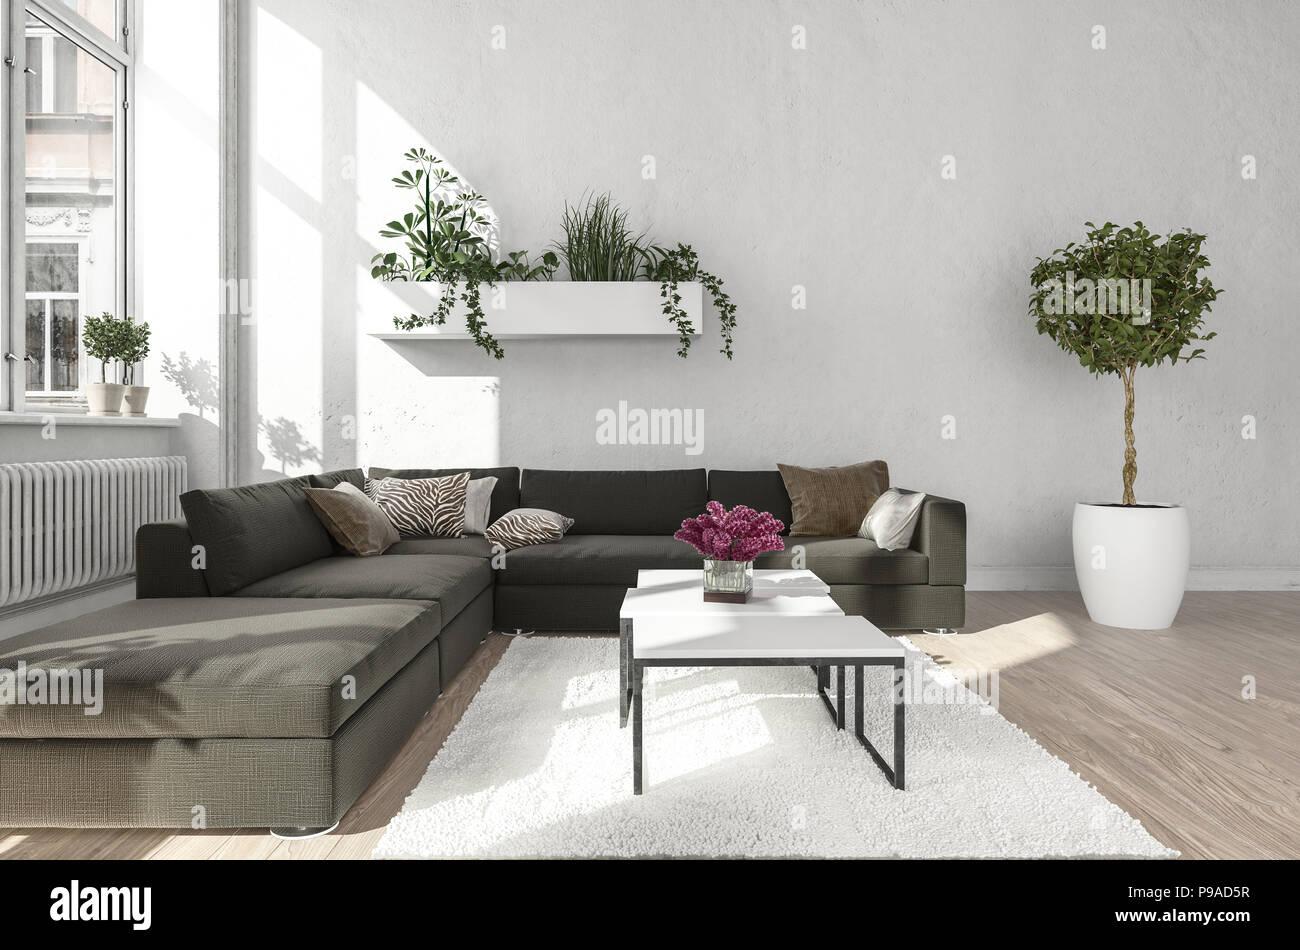 Wohnzimmer Mit Schwarzes Sofa Neben Metall Tabelle Steht Auf Weißer Teppich  Und Wand Pflanzmaschine In Der Nähe Der Fenster Und Kühler. 3D Rendering